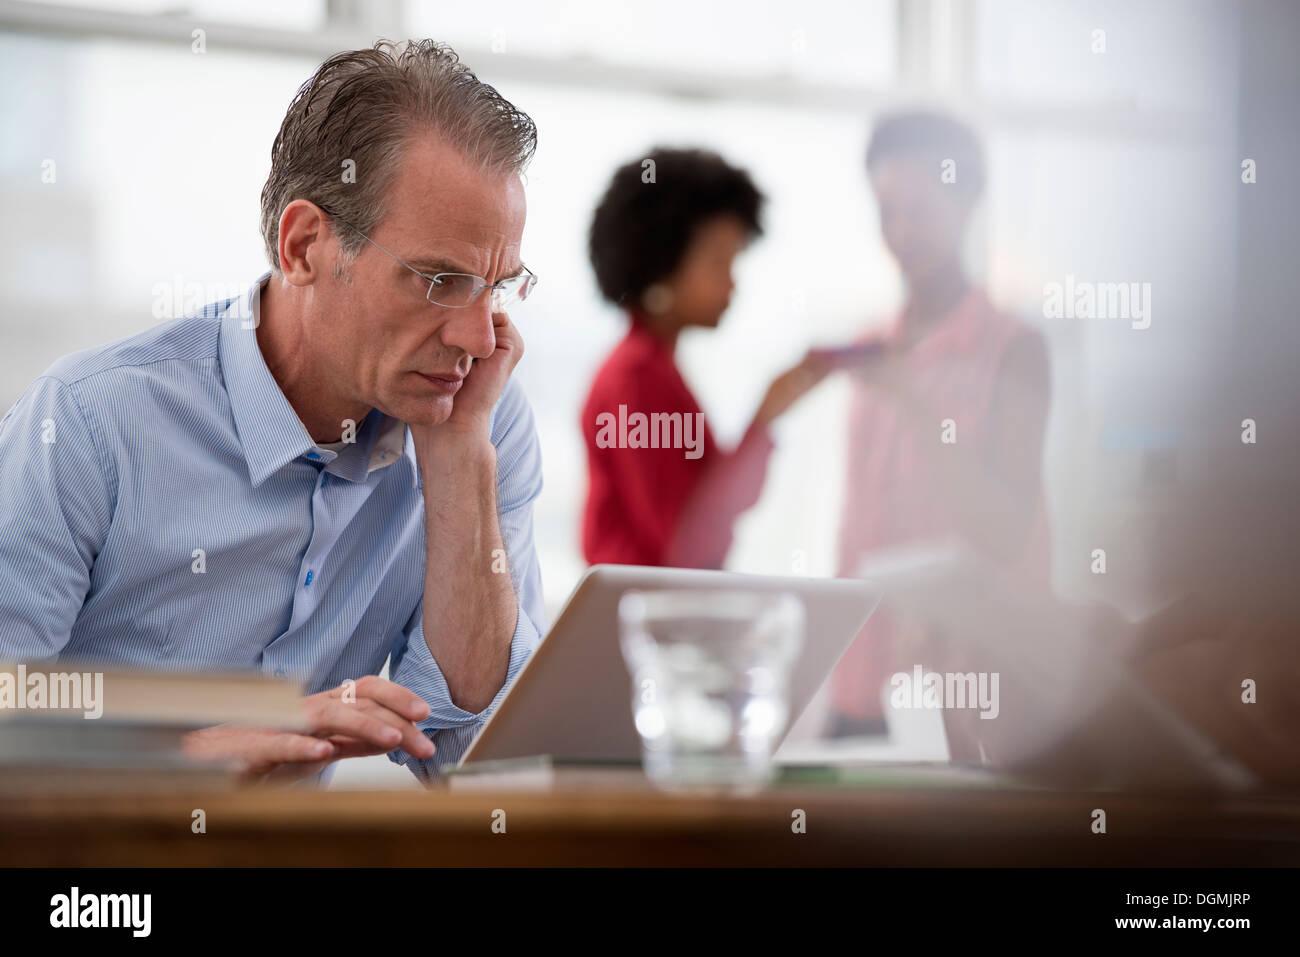 La vie de bureau. Un homme assis à un ordinateur portable s'appuyant sur un bras, et deux femmes à l'arrière-plan. Banque D'Images